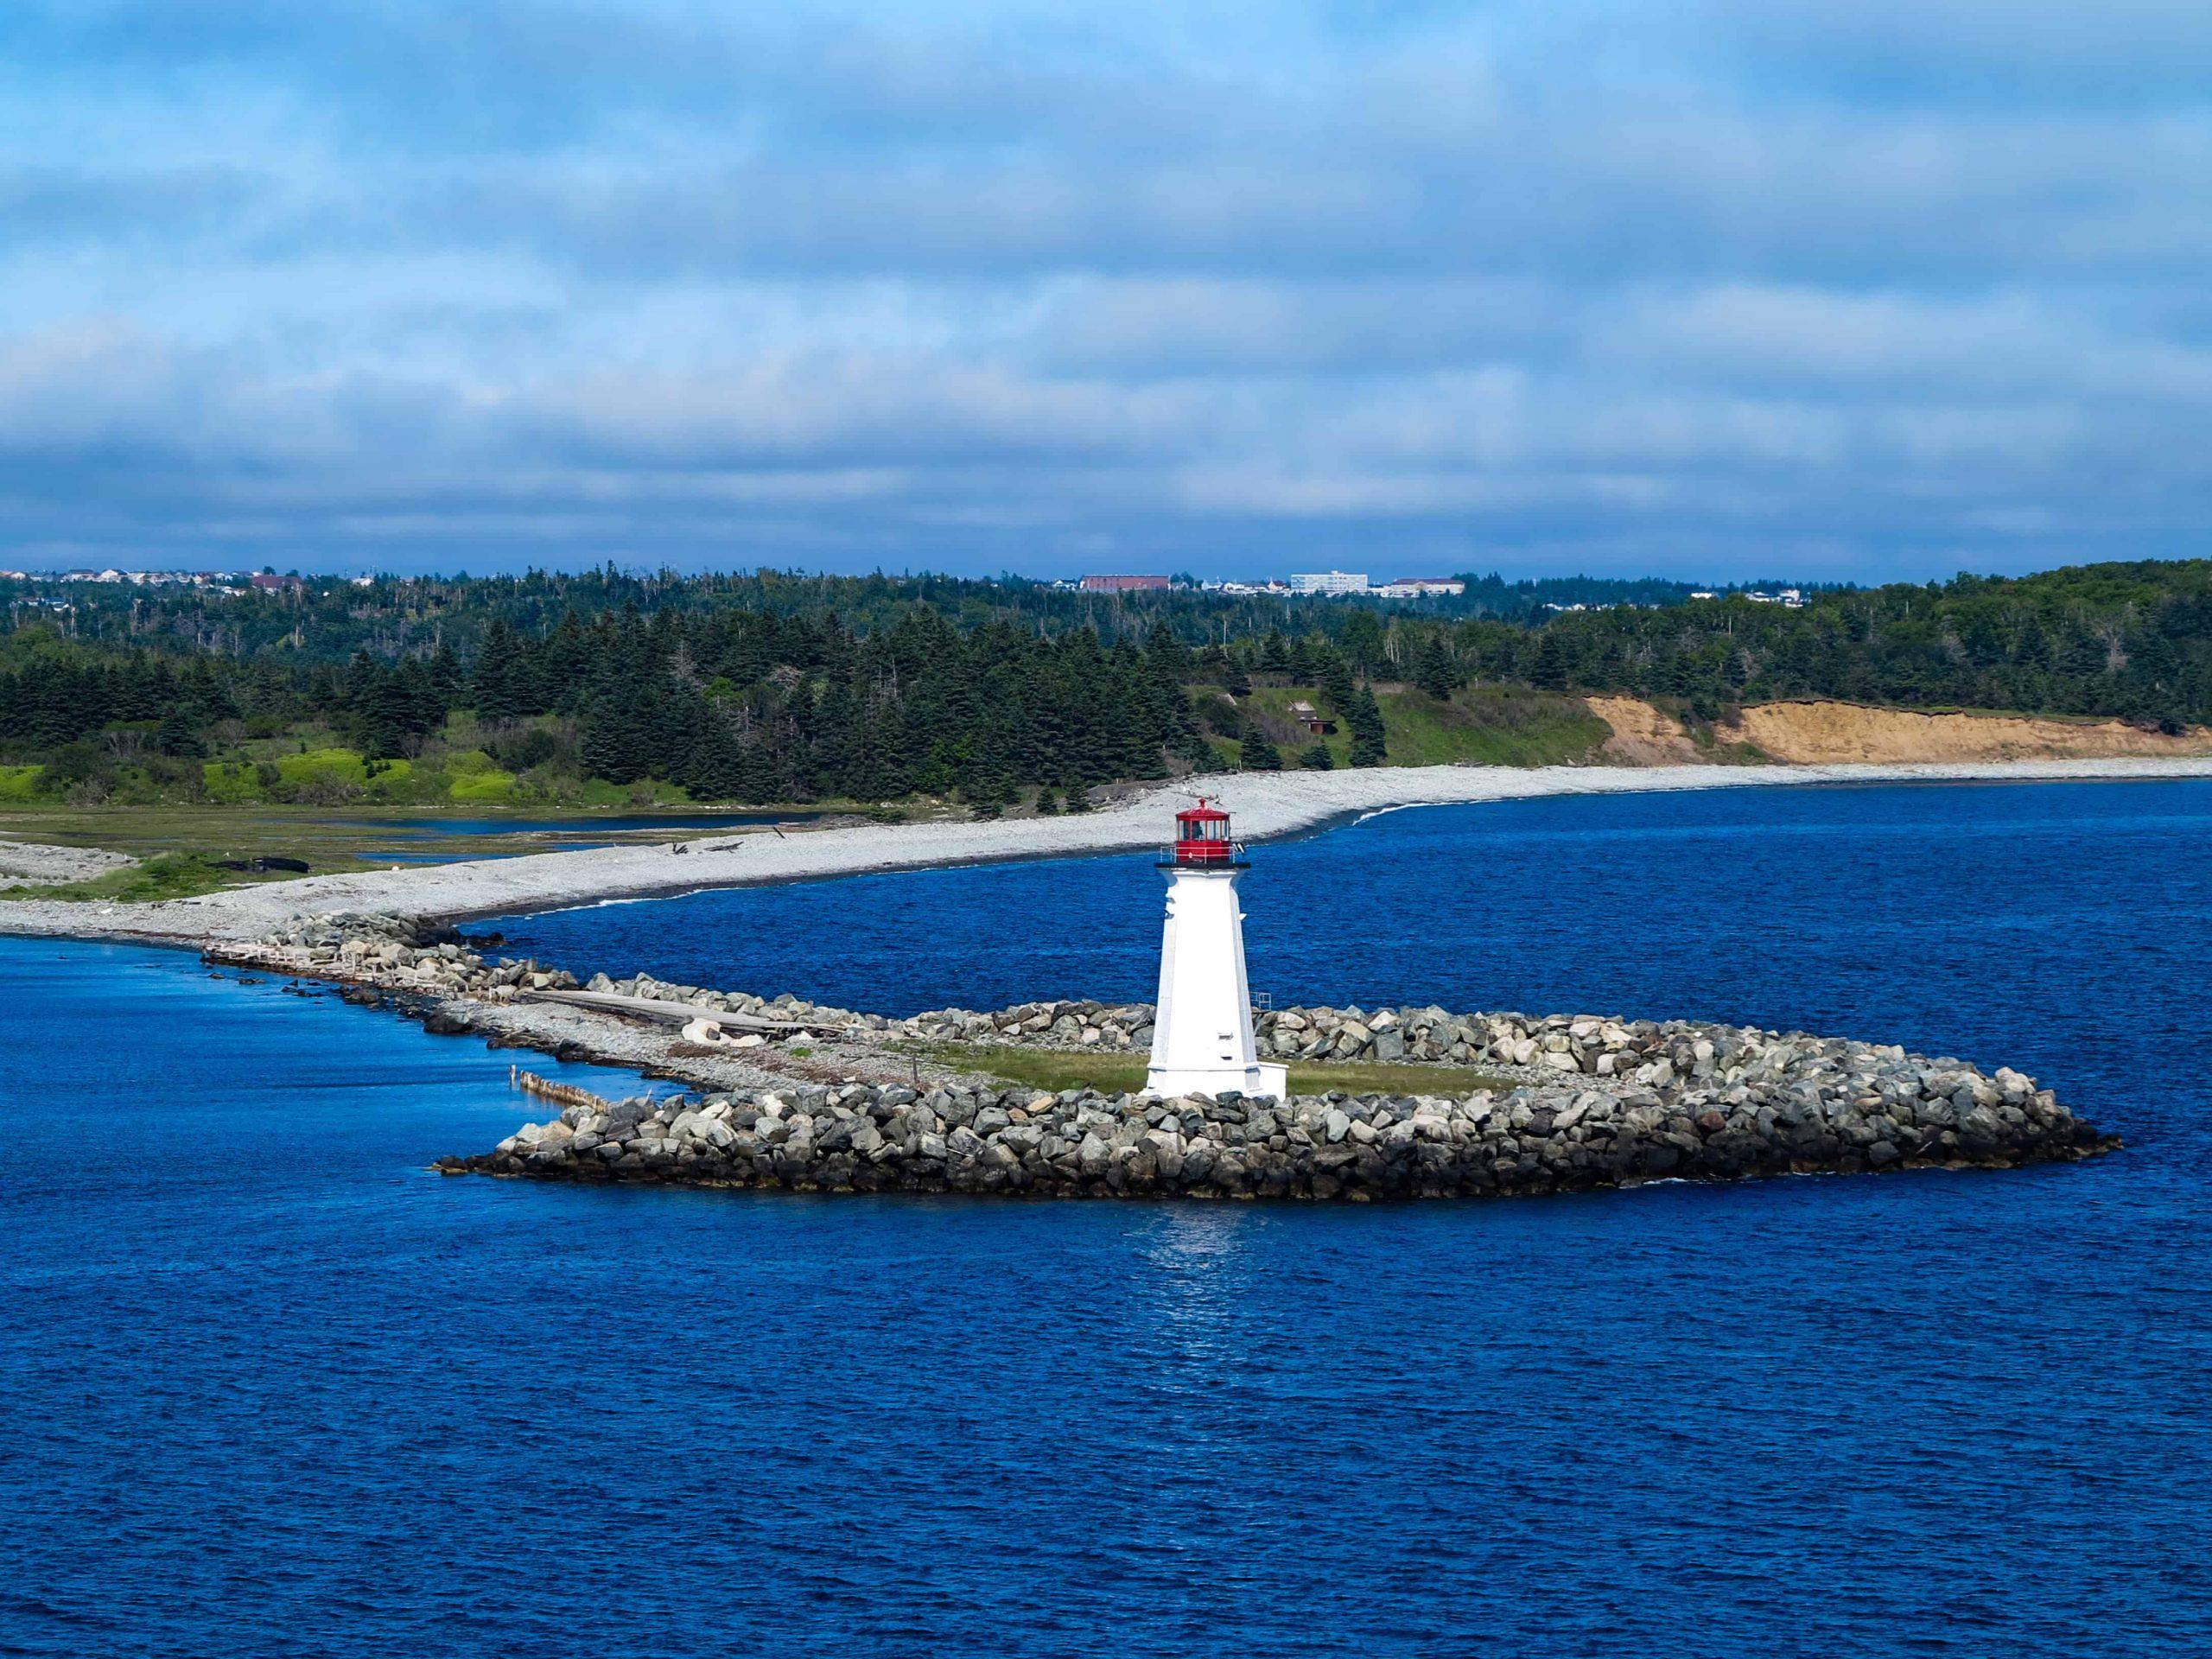 Rundreise Rundreise Nova Scotia: Empfehlungen & Vergleich (08/20)